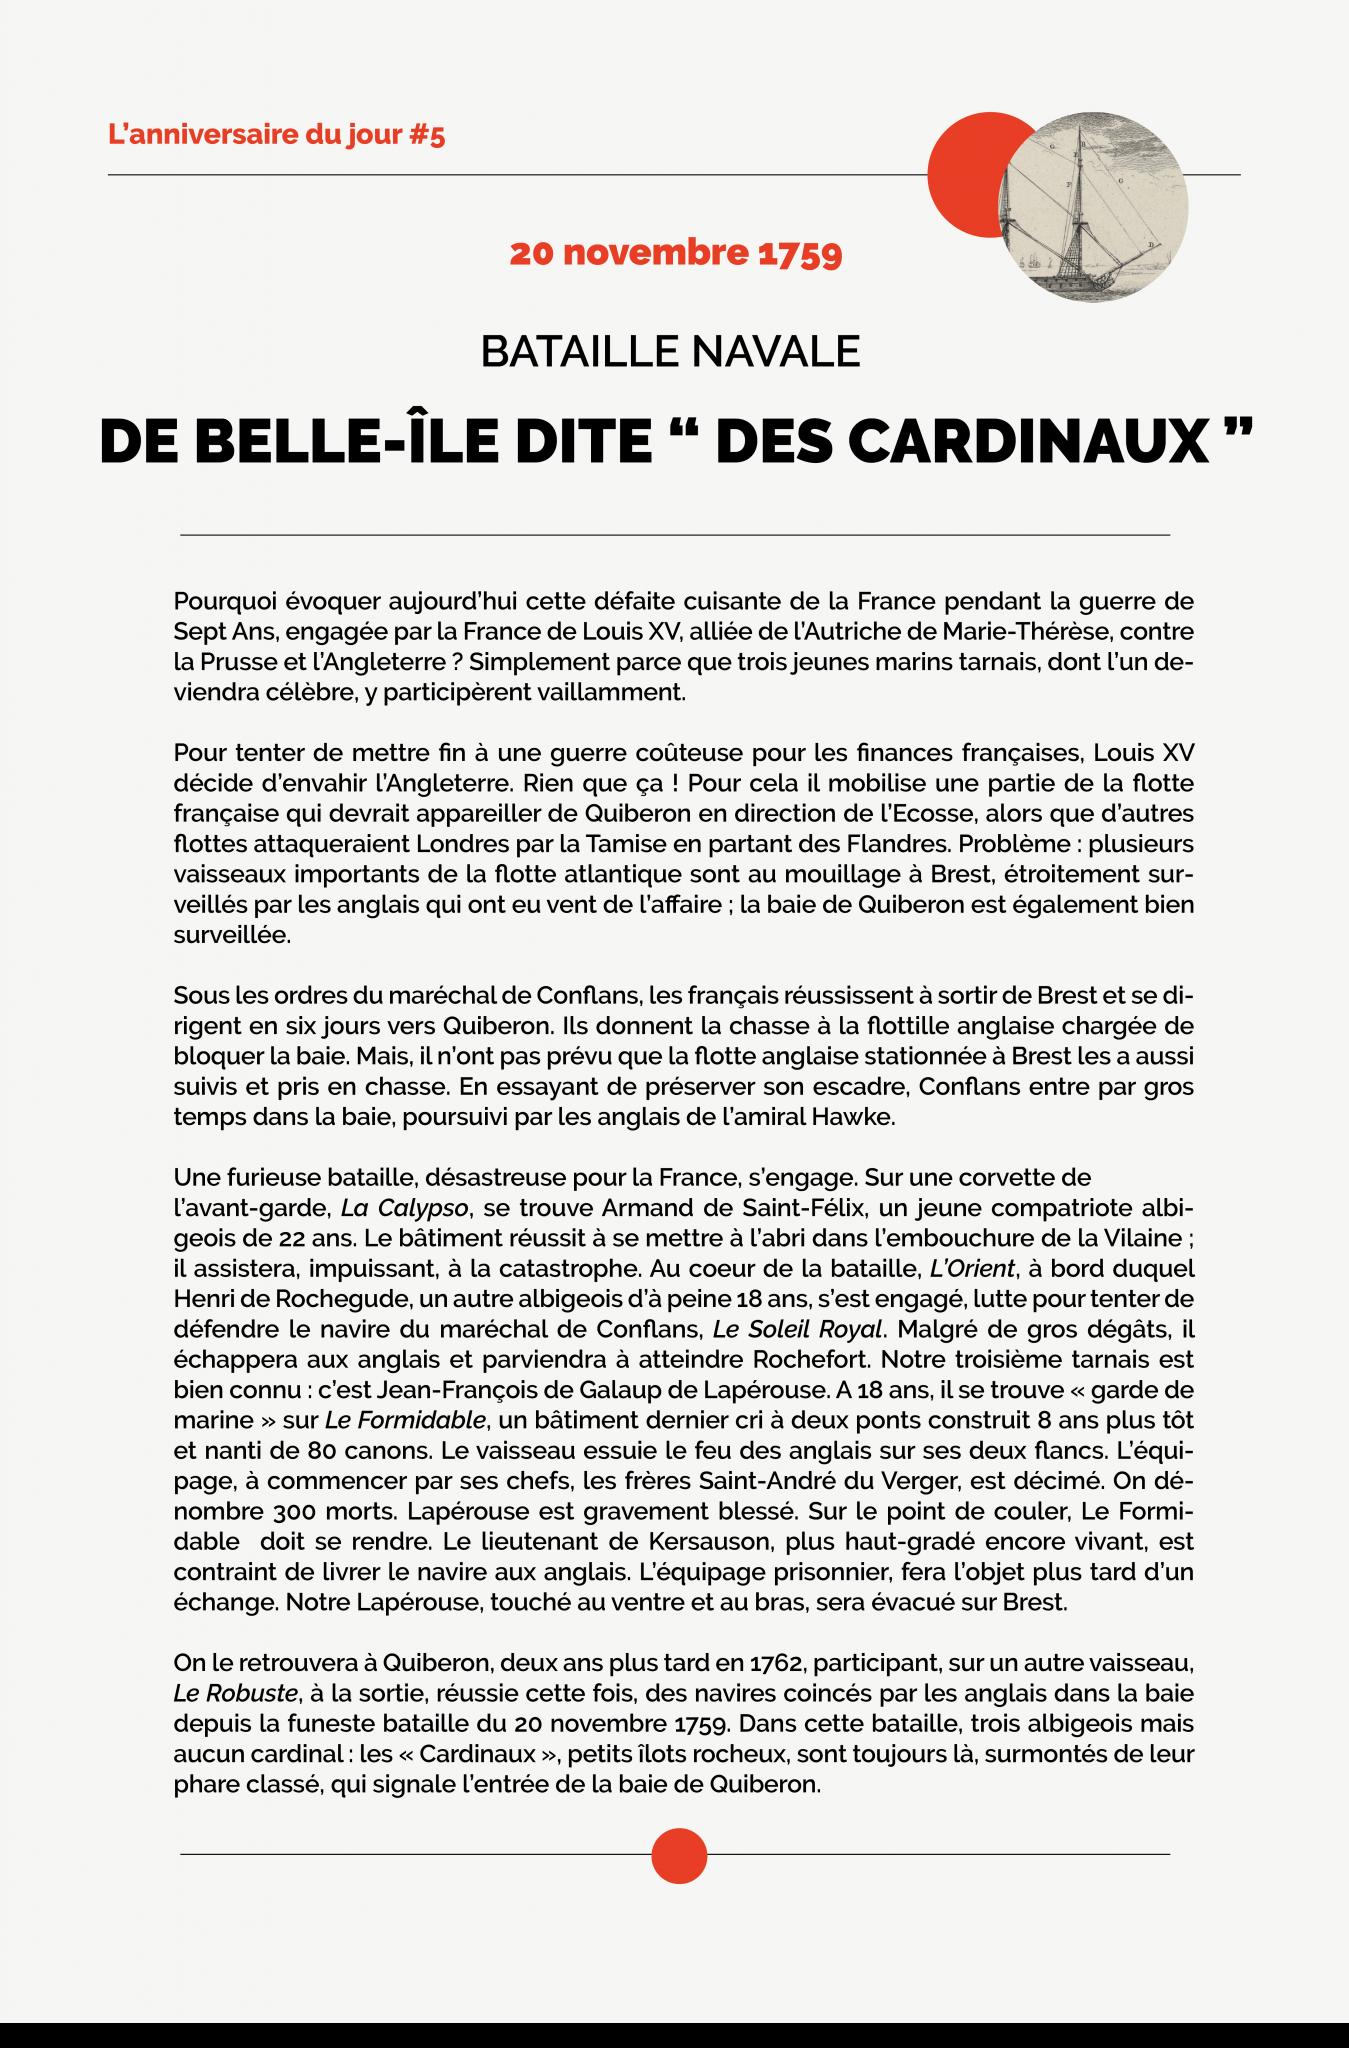 L'anniversaire du jour #5 - Bataille Navale de Belle-Ile dite